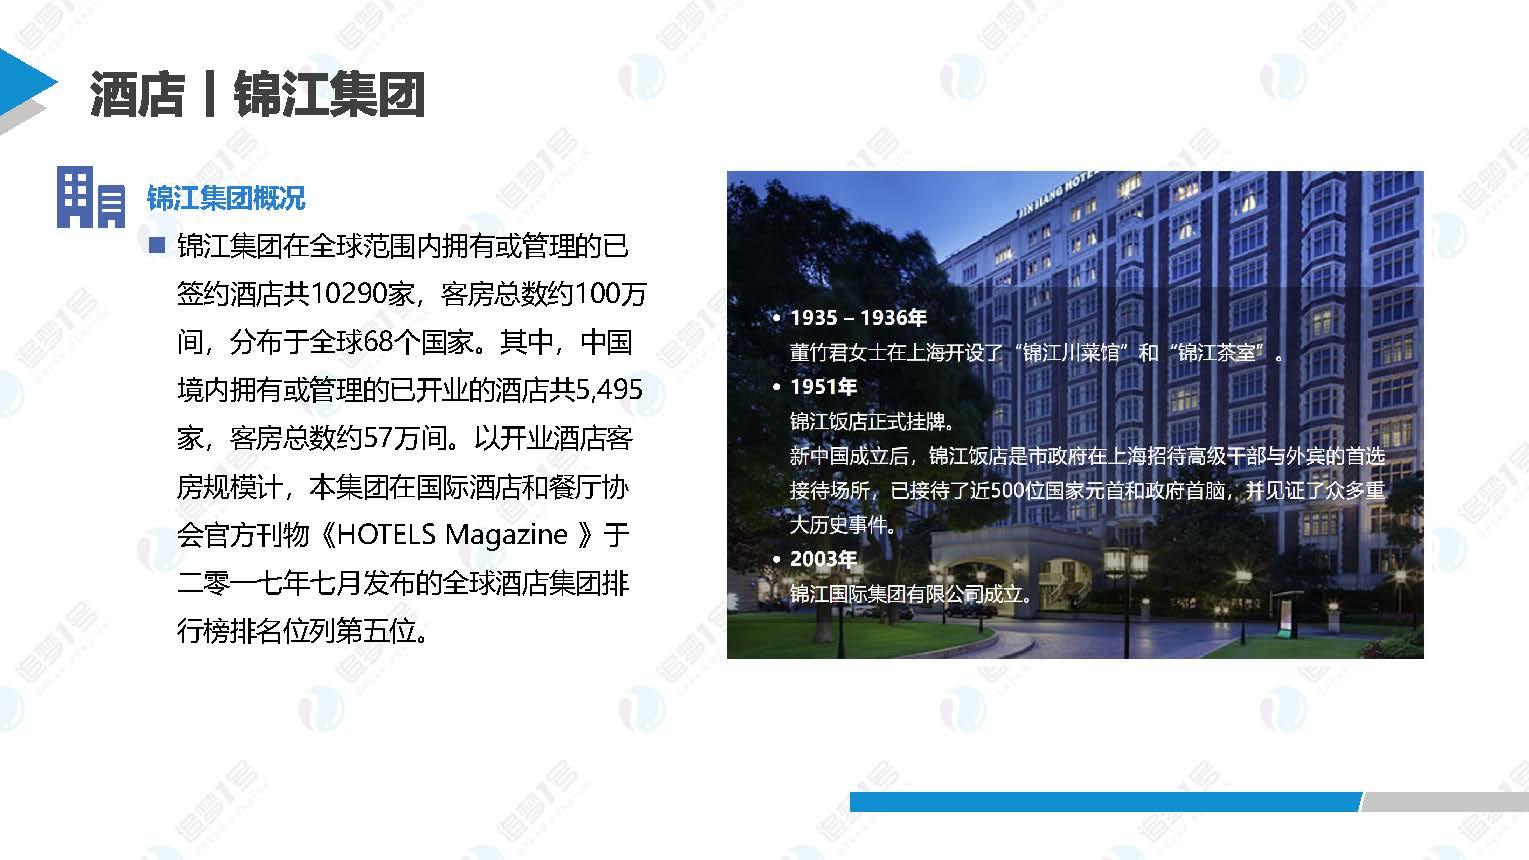 中国旅游行业研究 _页面_29.jpg